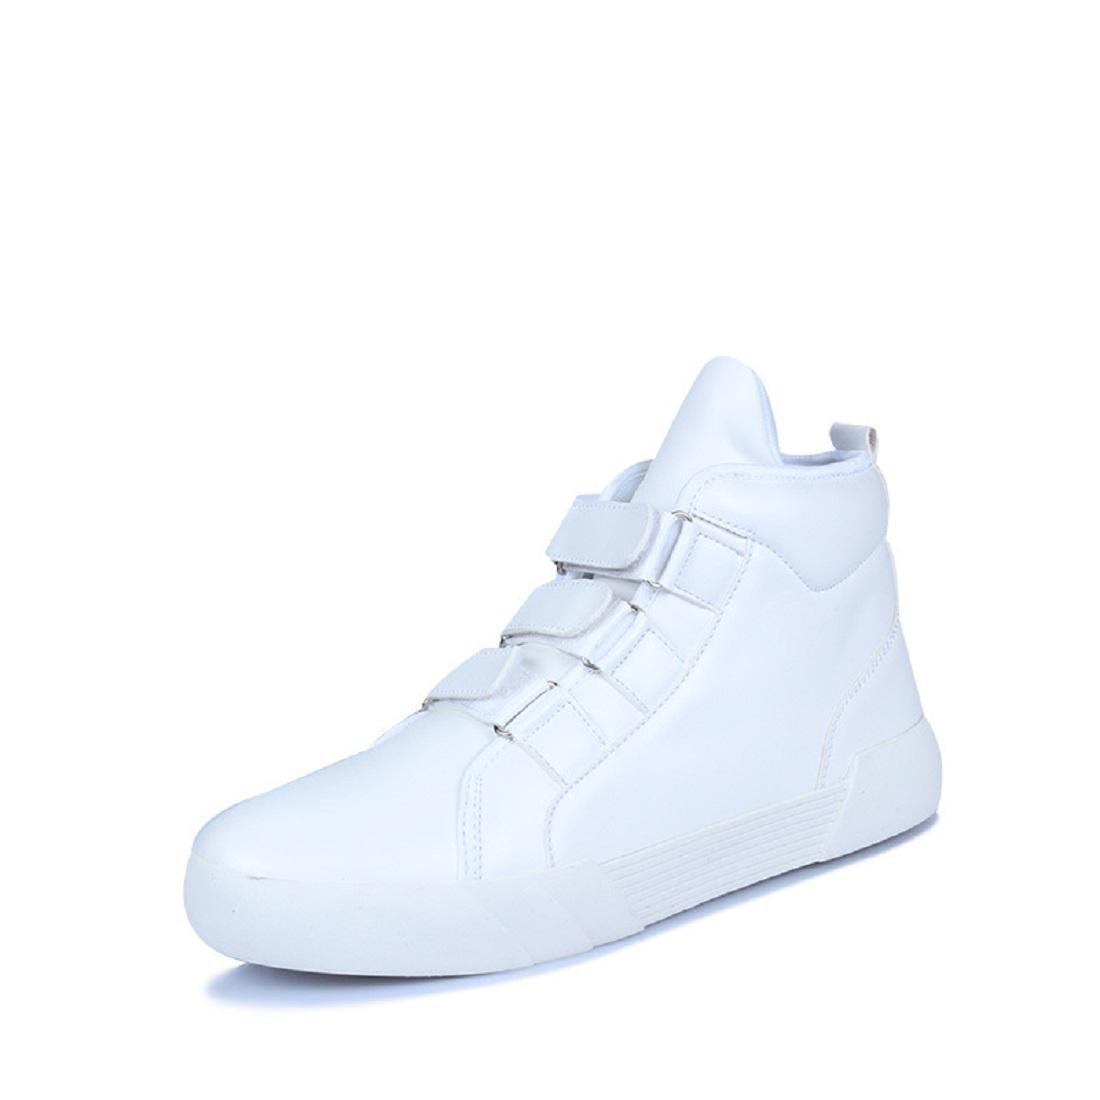 Herren Mode Herbst Winter Das neue Sportschuhe Flache Schuhe Trainer Fuß Schutz Fuß Trainer High-Top-Schuhe EUR GRÖSSE 39-44 80ed4b